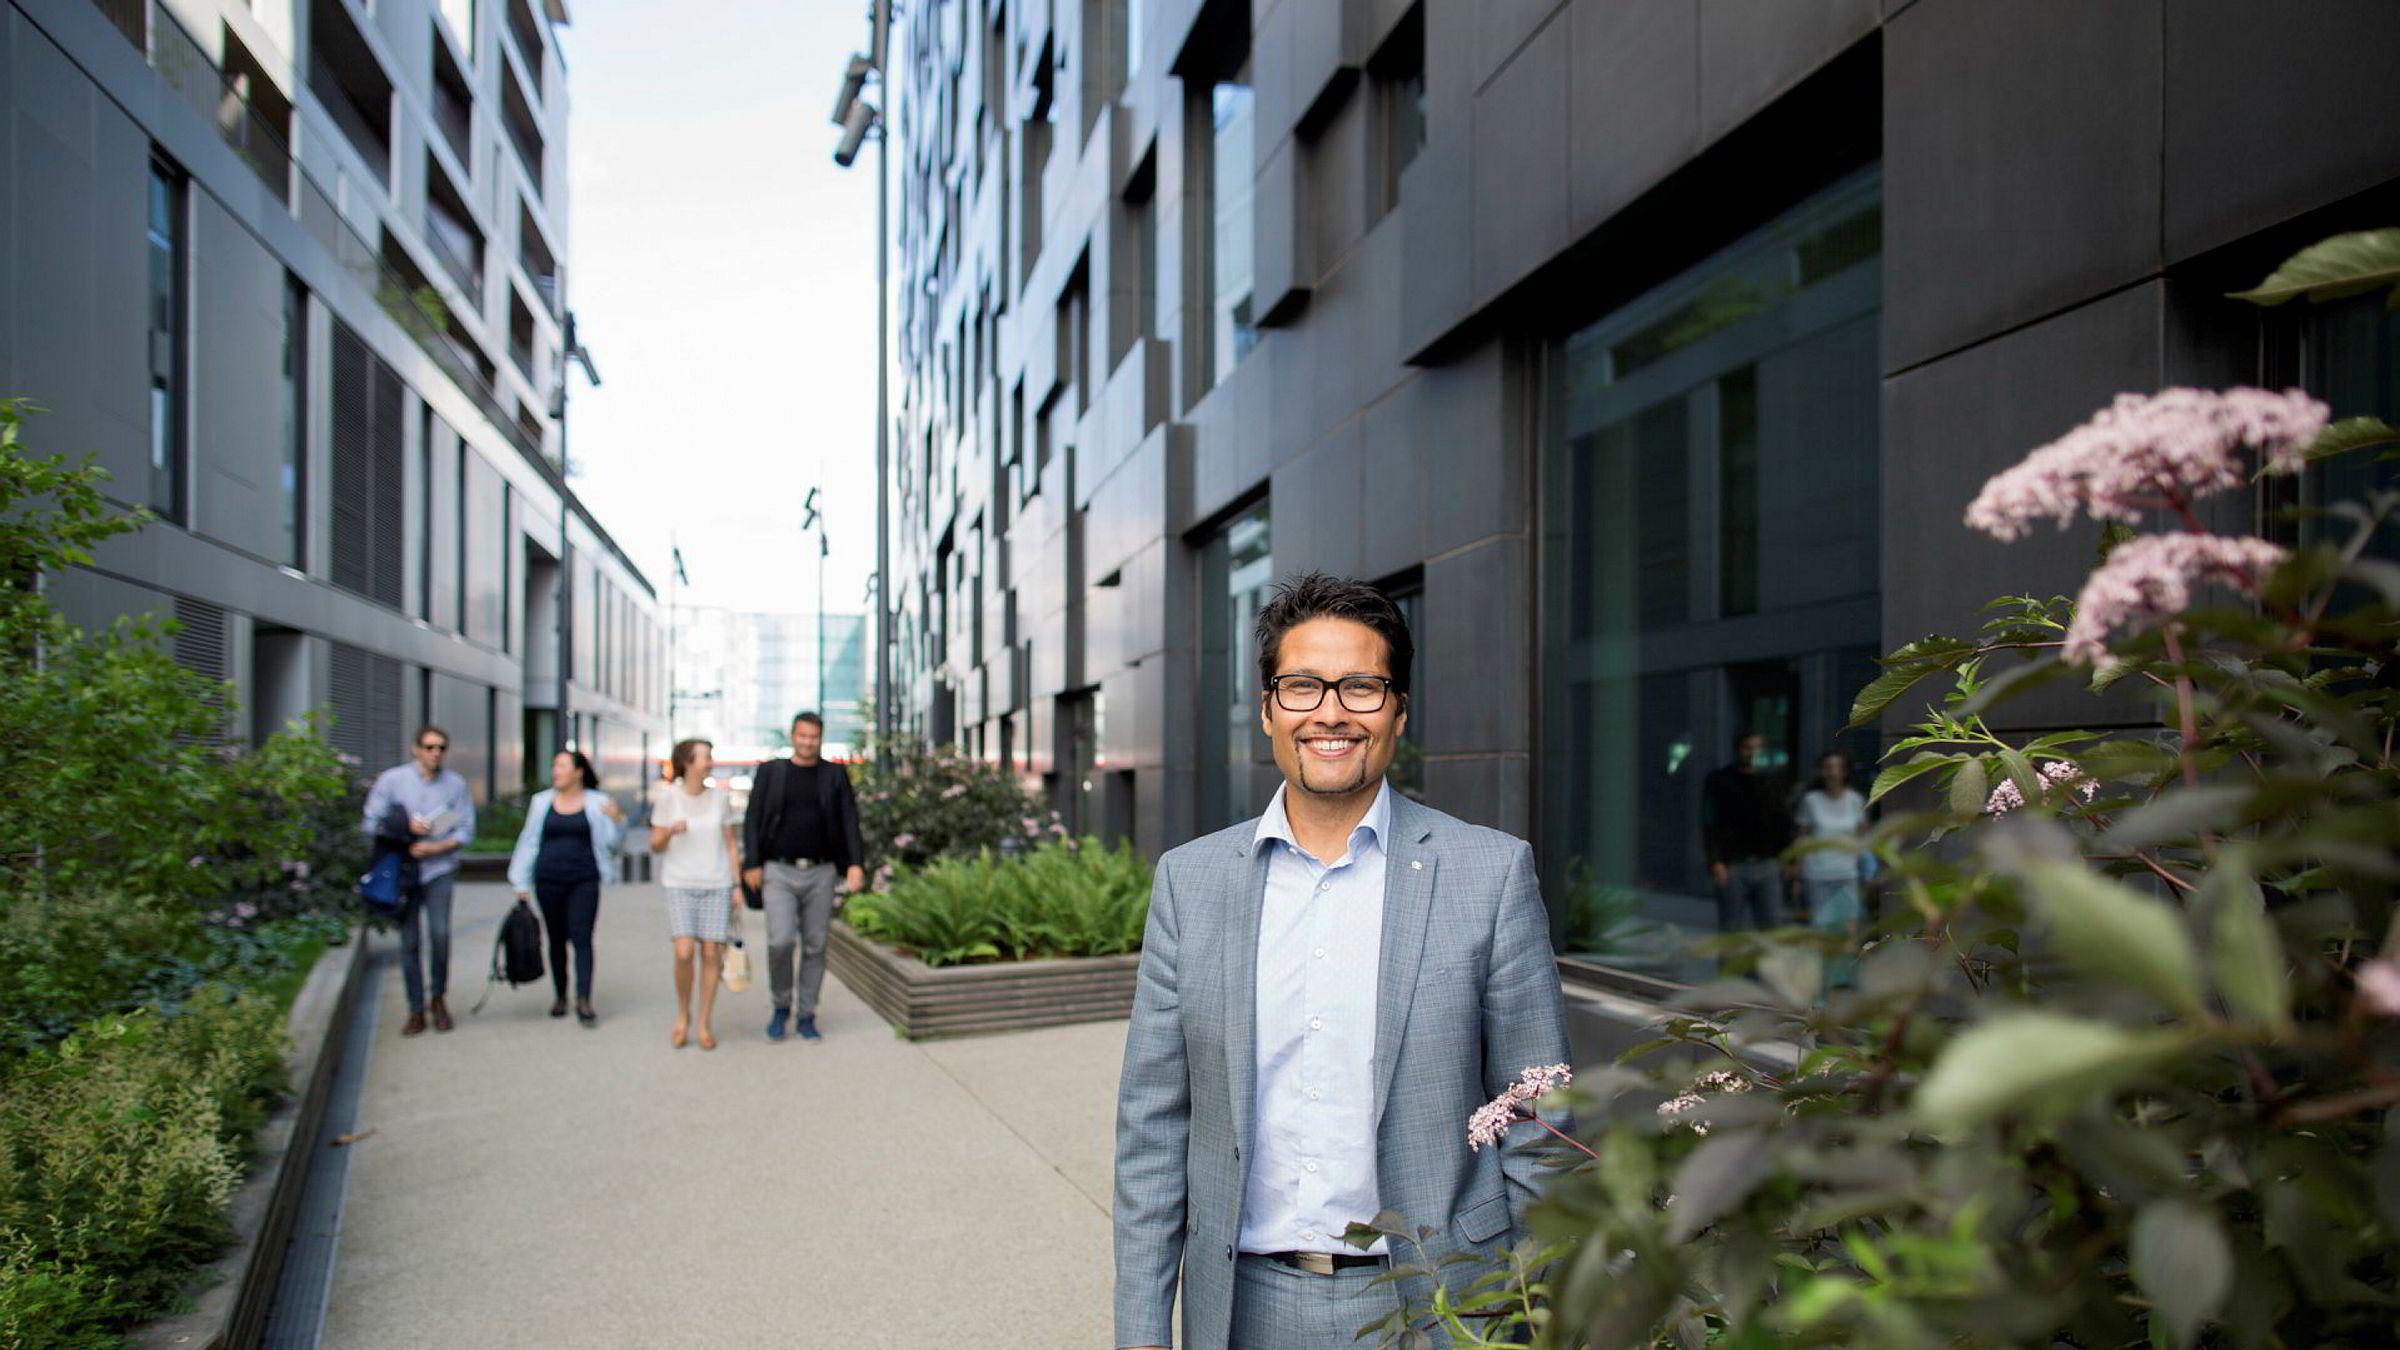 Daniel Kjørberg Siraj i Obos har solgt en rekke selskaper og vil investere i store tomteprosjekter og gründerbedrifter.